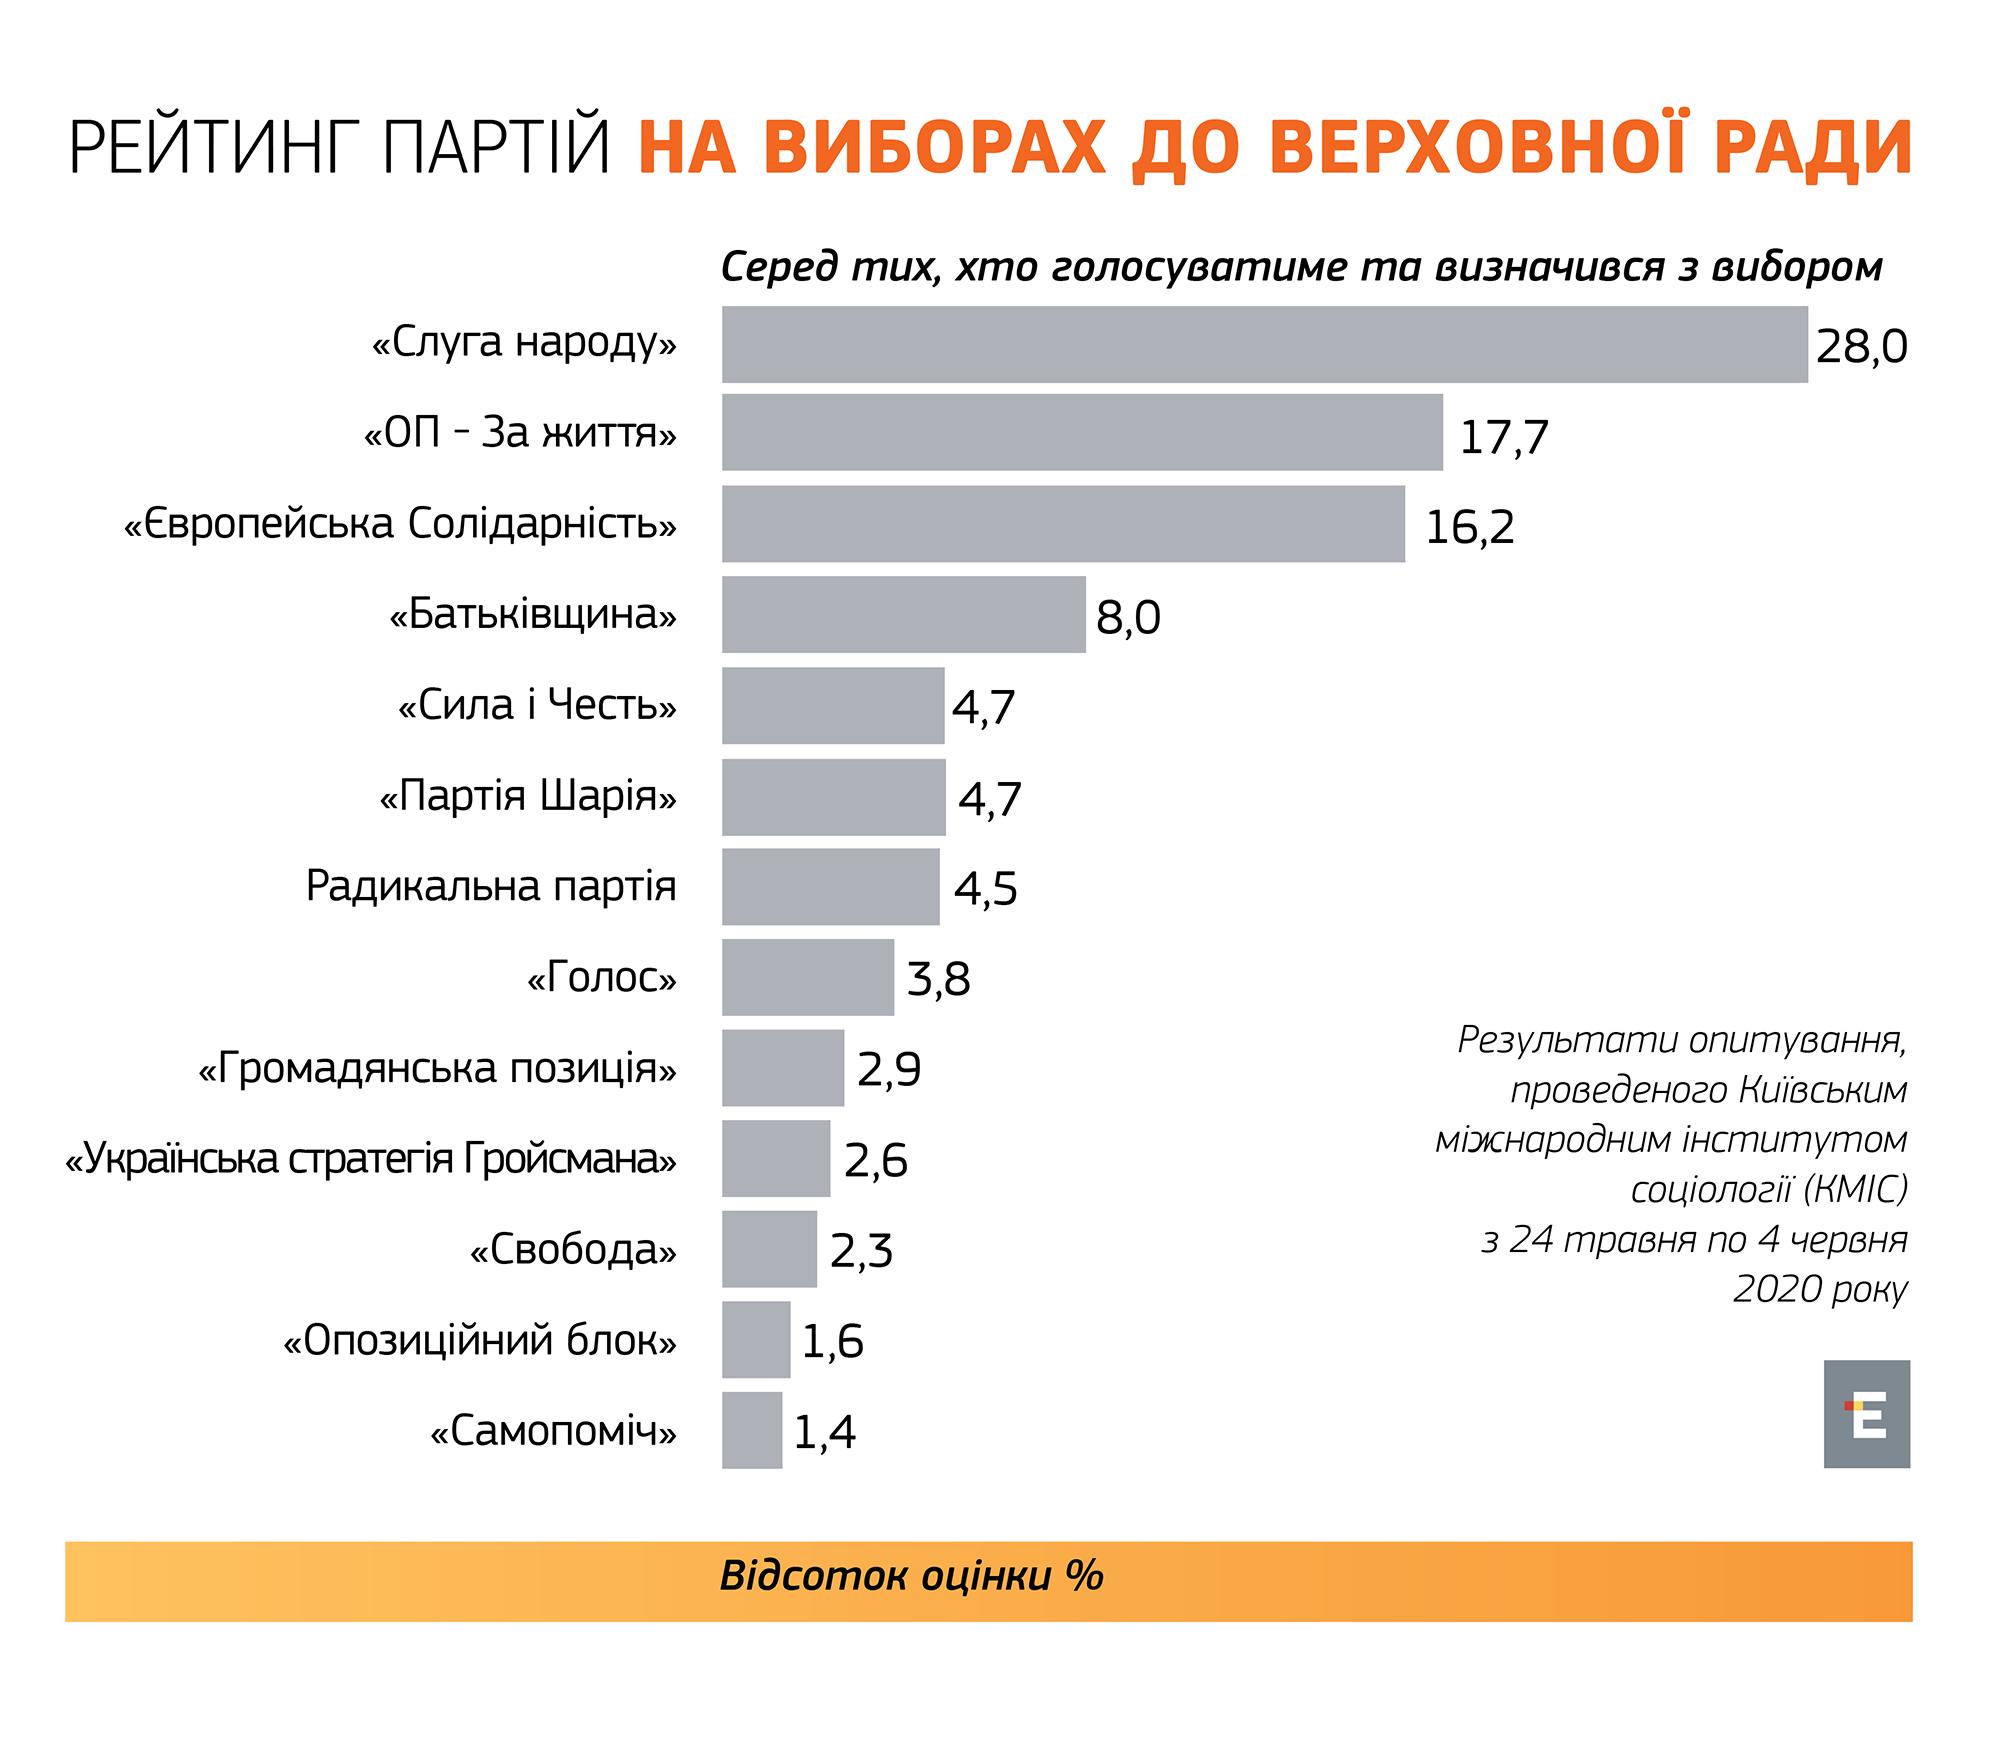 """Рейтинг партий: """"Слуга народа"""" имеет 28%, Евросолидарнисть - 16,2%, - опрос"""